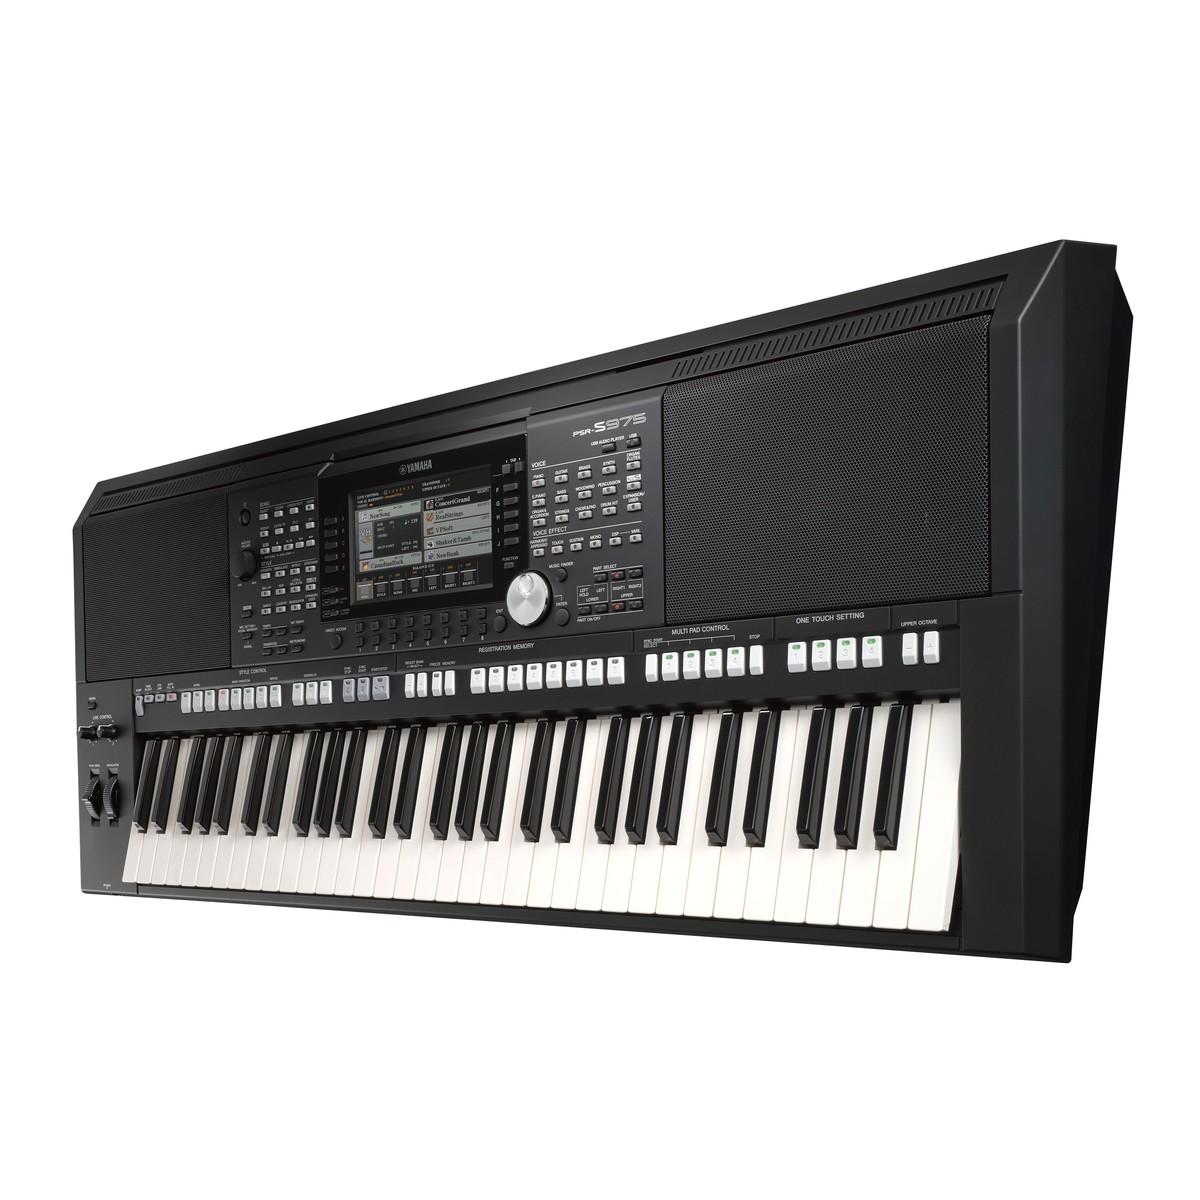 Portable Keyboard Vs Arranger Workstation : yamaha psr s975 portable arranger workstation at gear4music ~ Hamham.info Haus und Dekorationen